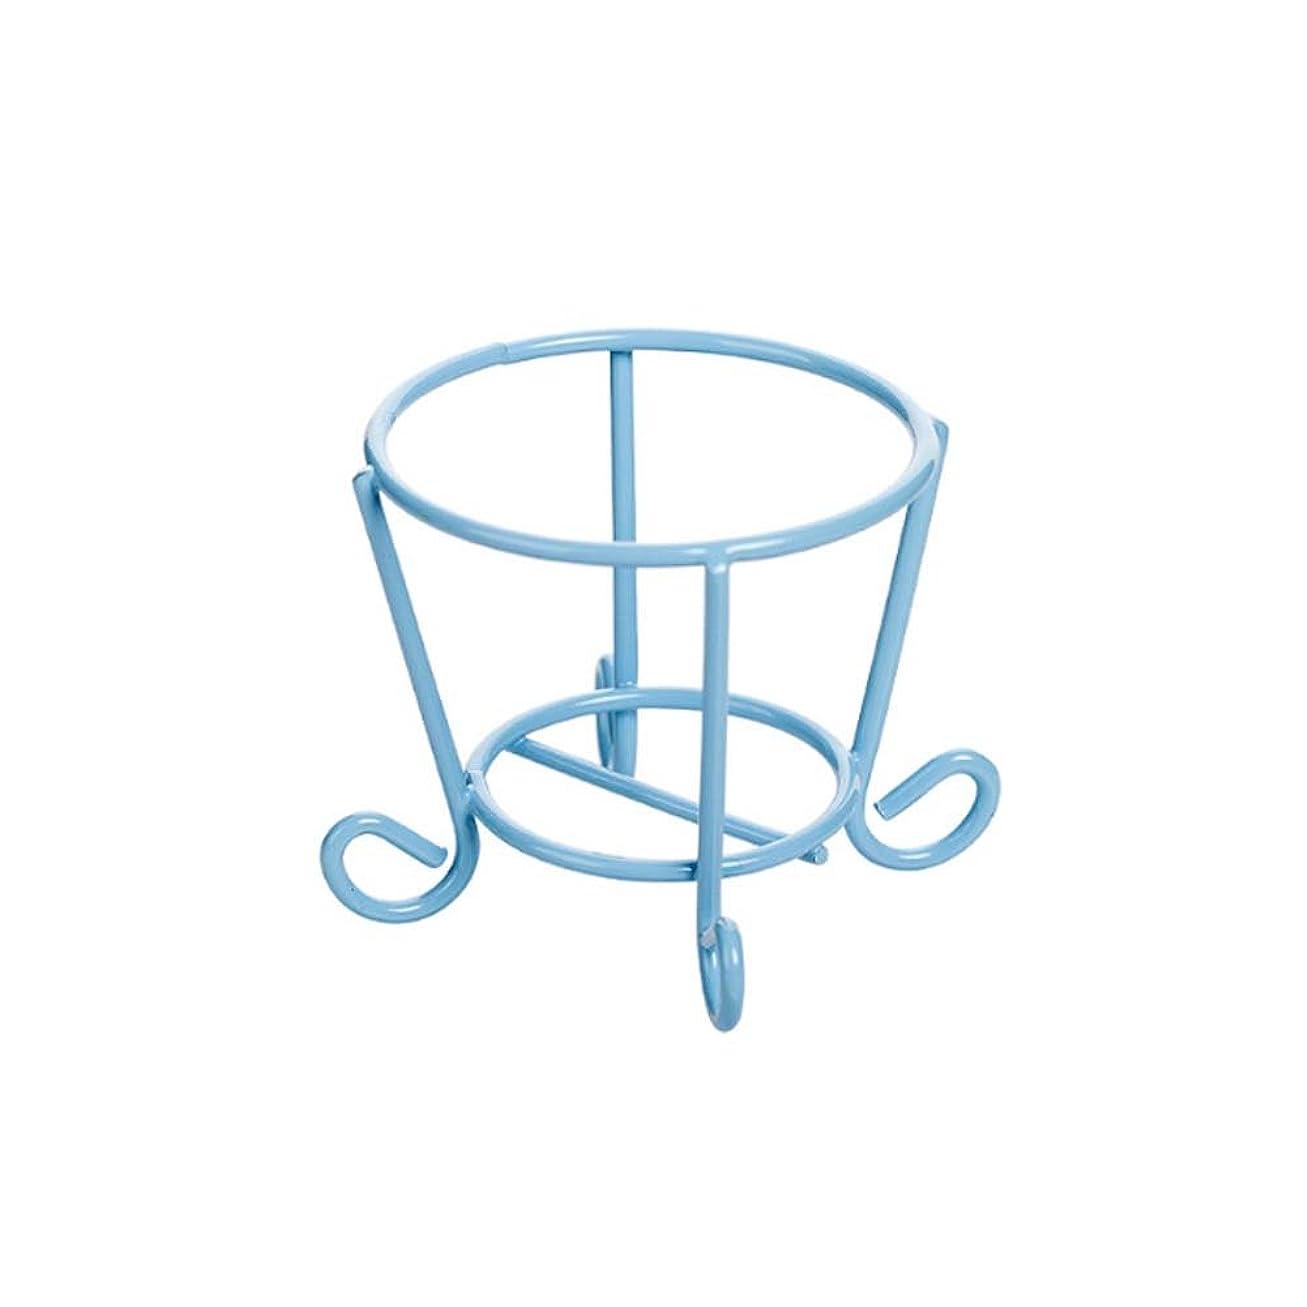 問い合わせ要件シャーロットブロンテ2美容メイクアップパウダーホルダー美容ツール乾燥機のセット